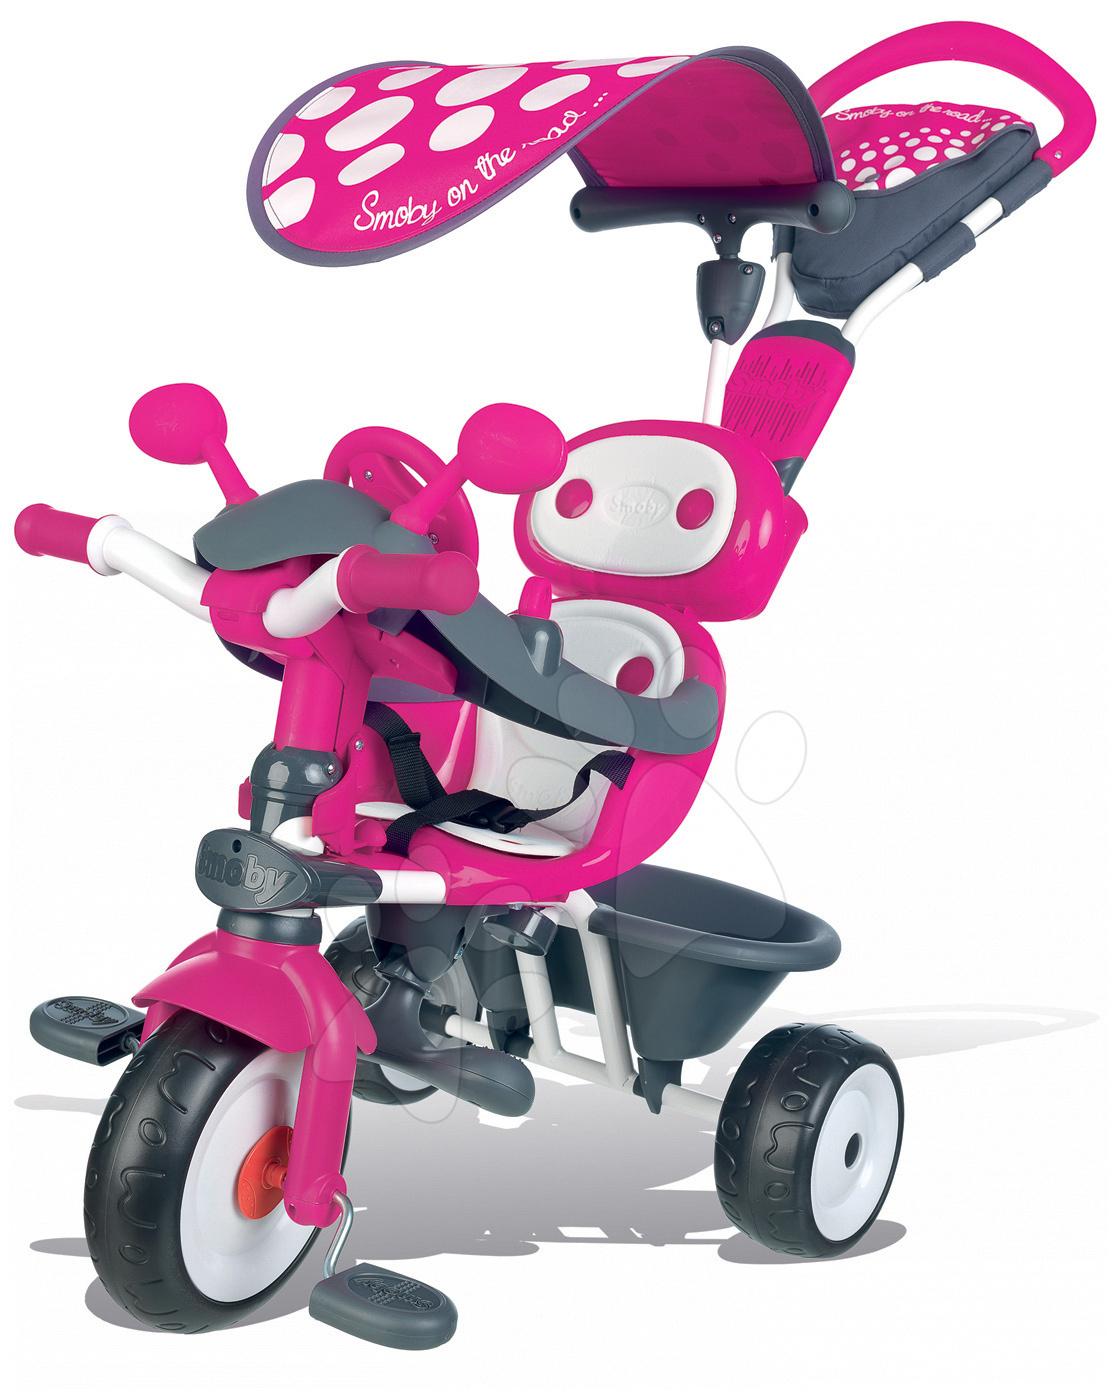 Tříkolka Baby Driver Smoby se stříškou a volantem růžovo-šedá od 10 měsíců